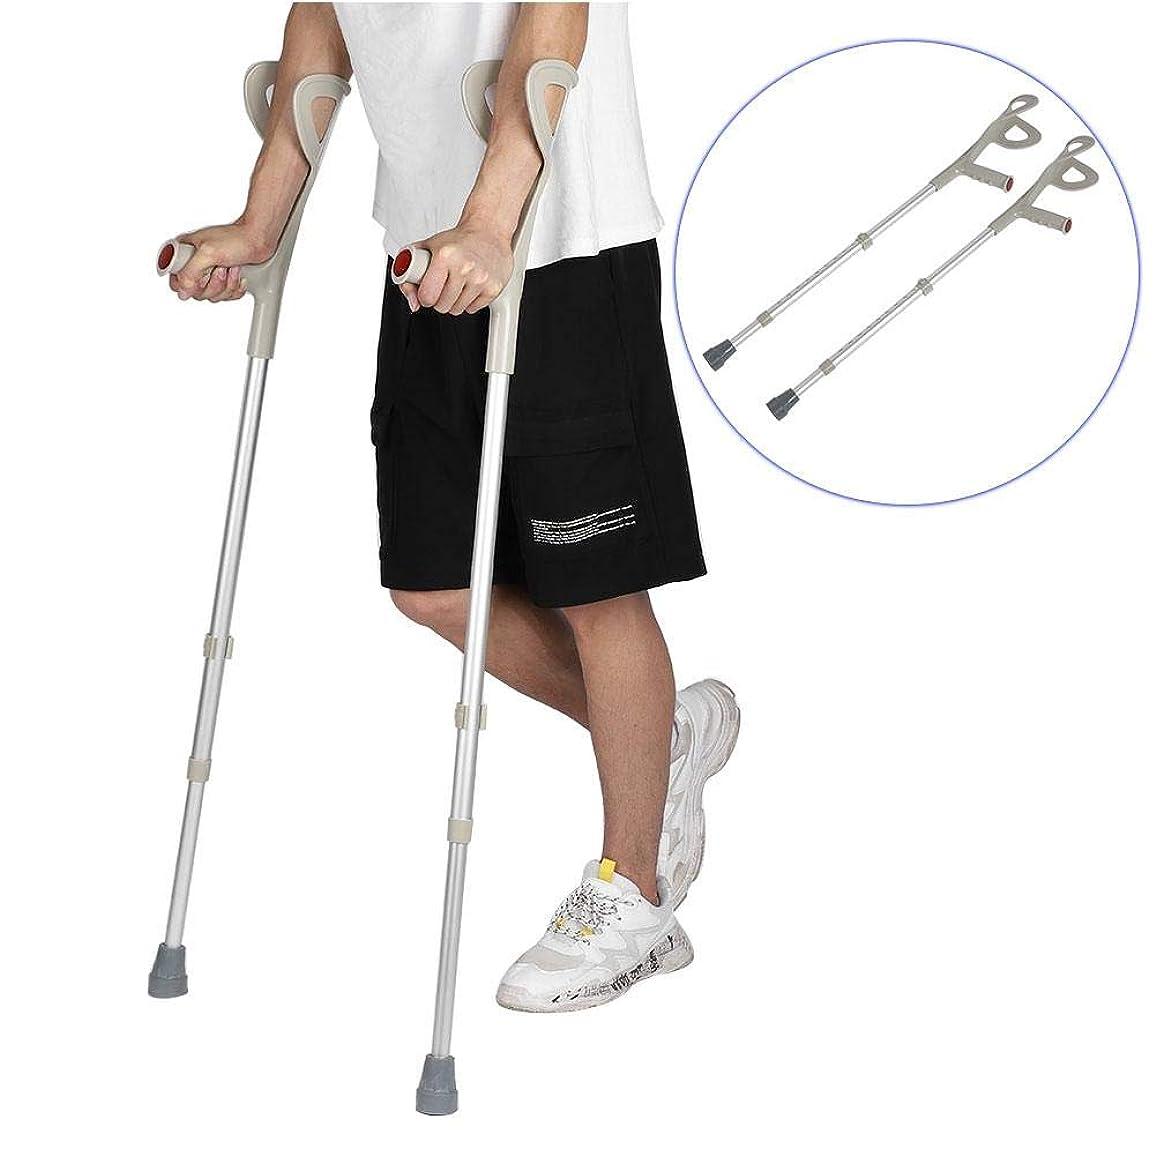 権限を与えるかわいらしい間違い前腕松葉杖、松葉杖サポート脚2つの歩行サポート松葉杖大人のフィット傷害、障害者および高齢者のための調節可能な松葉杖移動性サポート